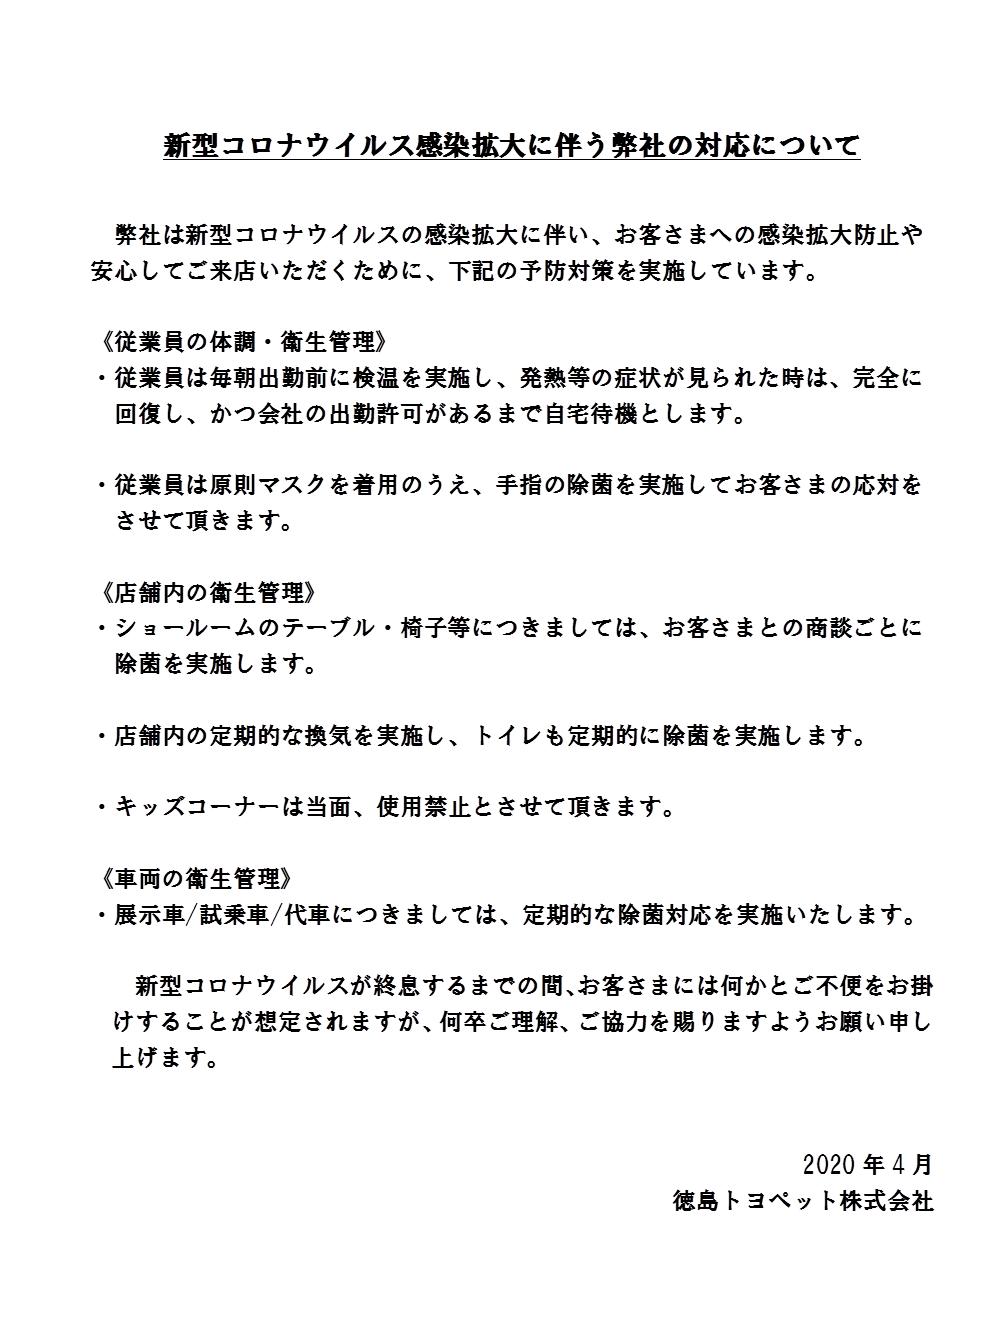 徳島 コロナ ウイルス